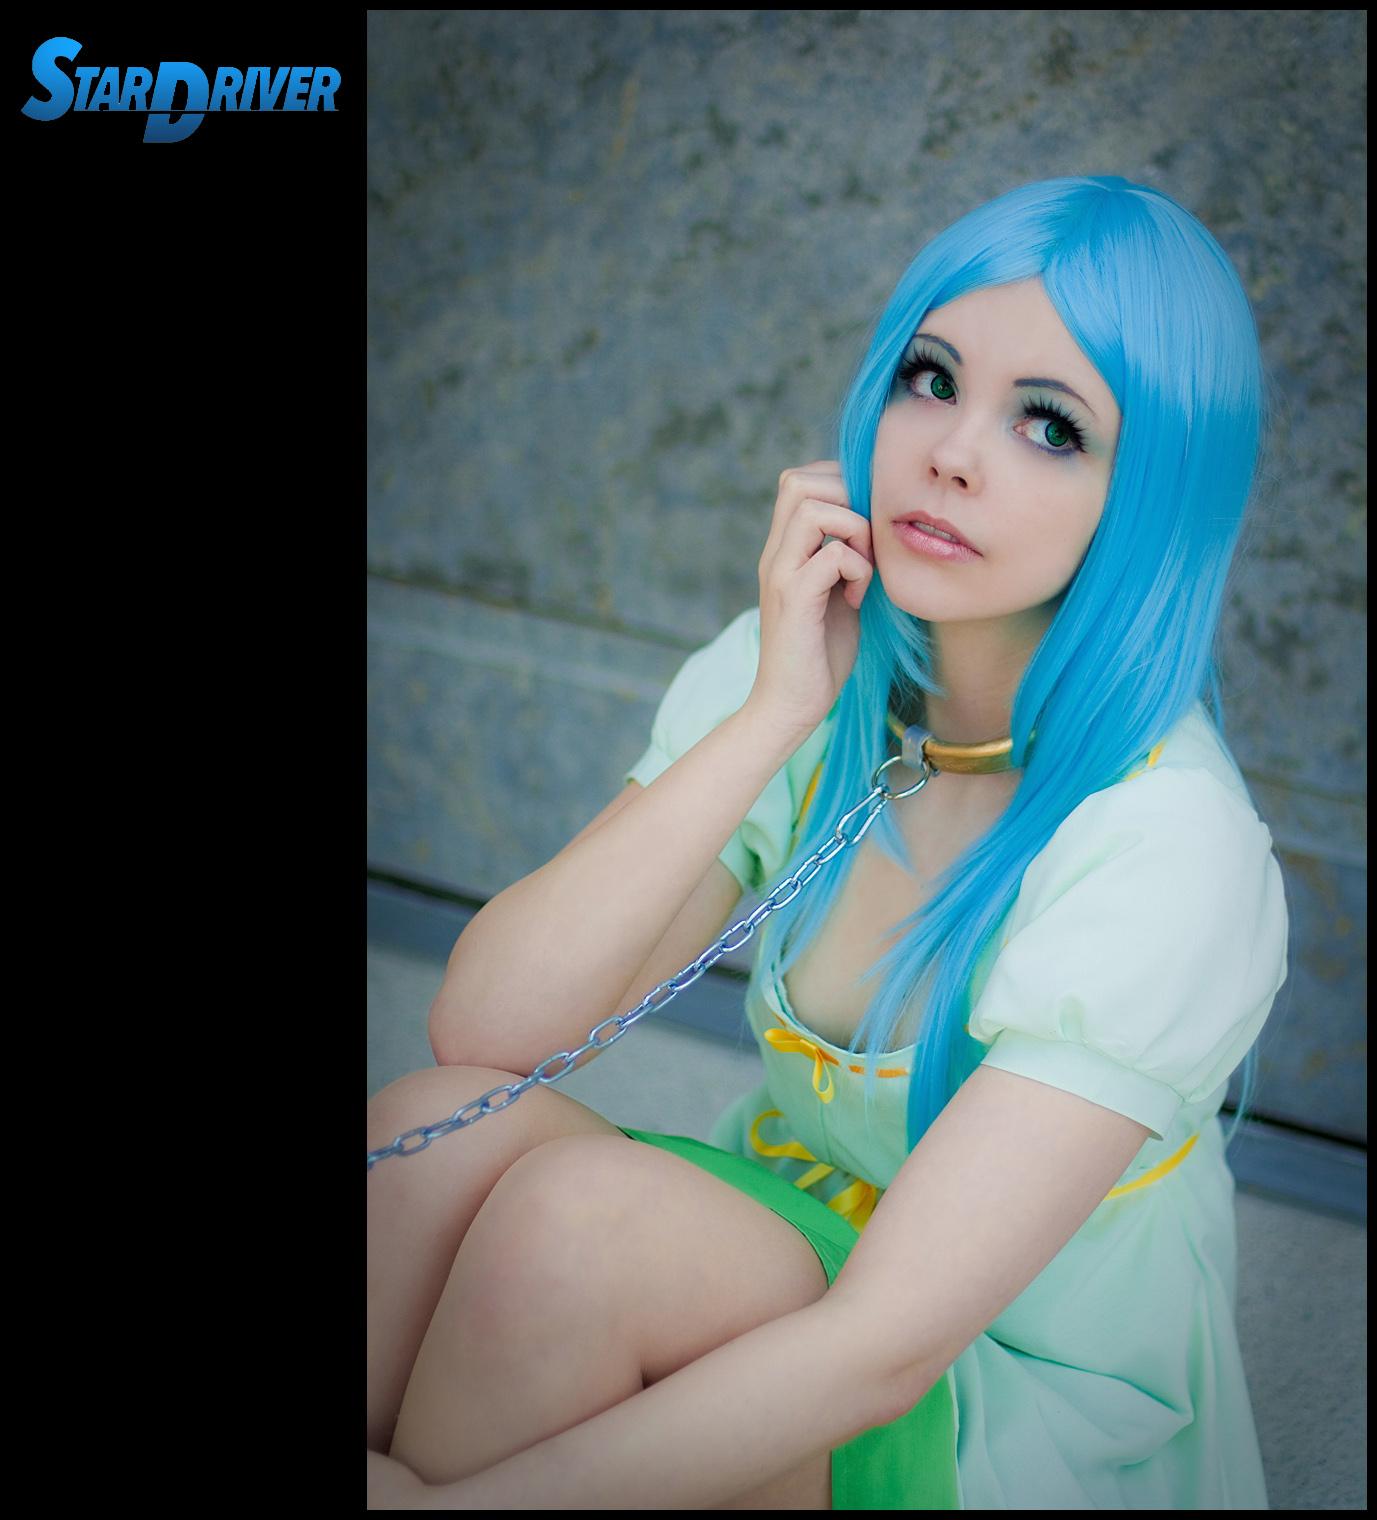 Star Driver - Sakana-chan by Calssara